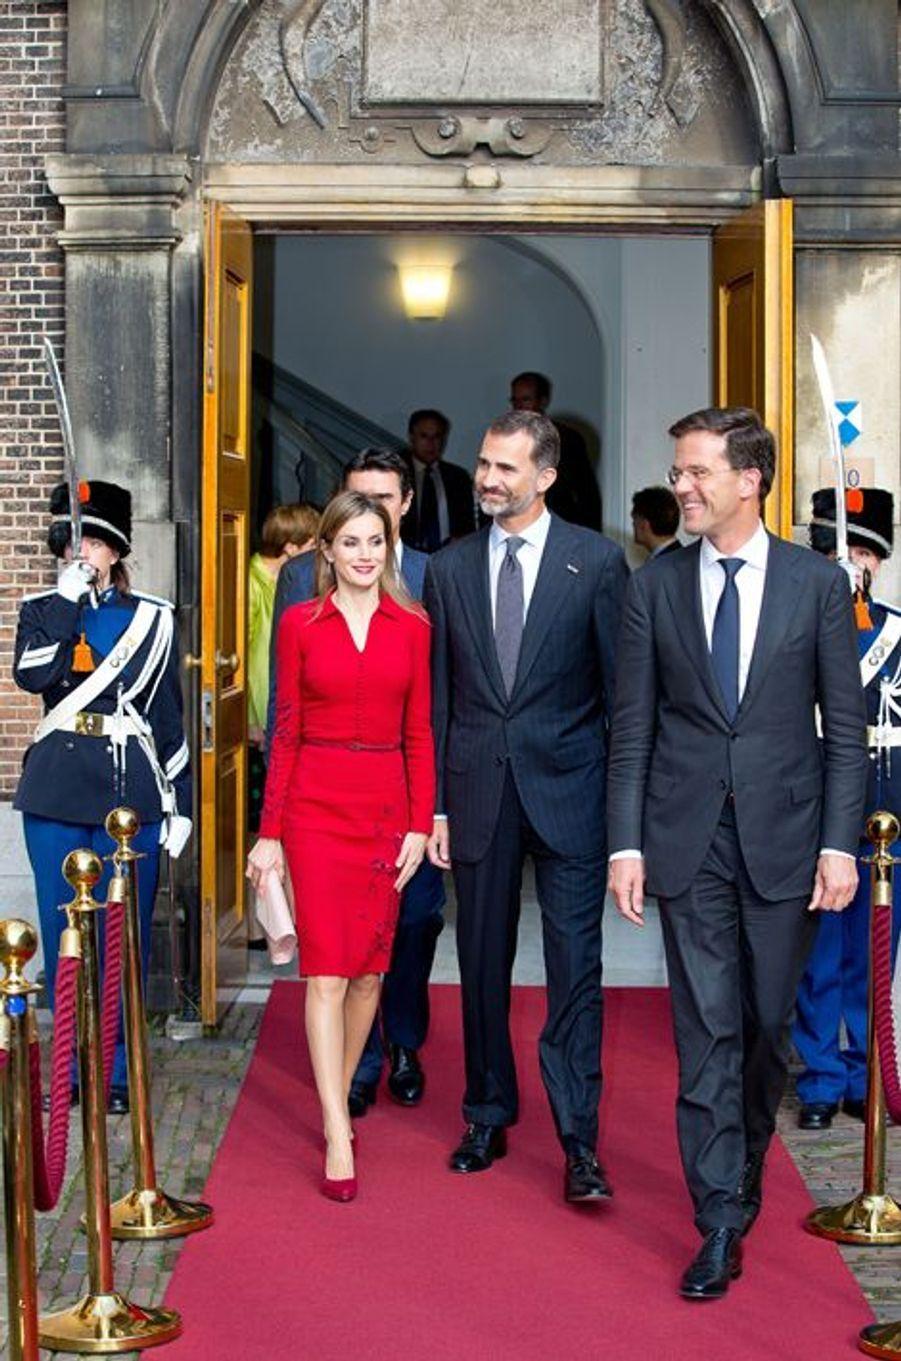 Le roi Felipe VI d'Espagne et la reine Letizia en visite officielle aux Pays-Bas à La Haye, le 15 octobre 2014